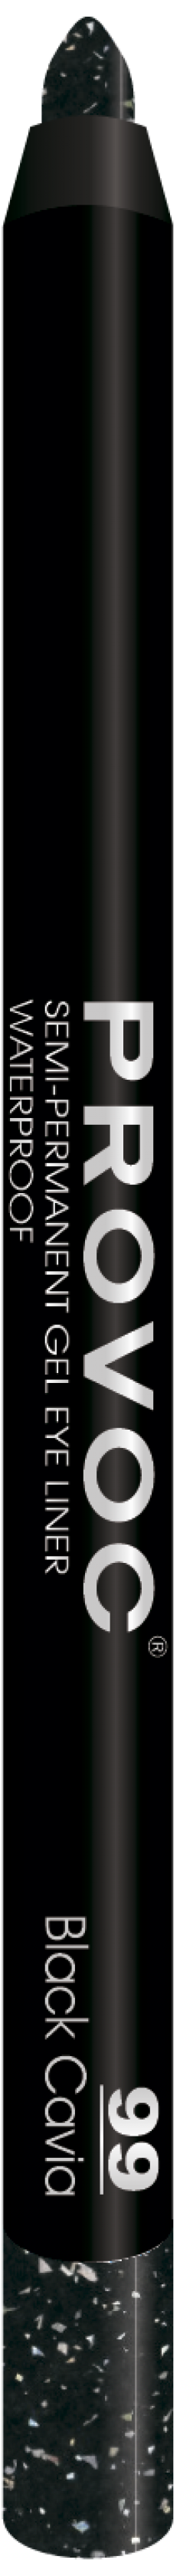 PROVOC Подводка гелевая в карандаше для глаз, 99 черный с голографией / Gel Eye Liner Black Cavia 9 г